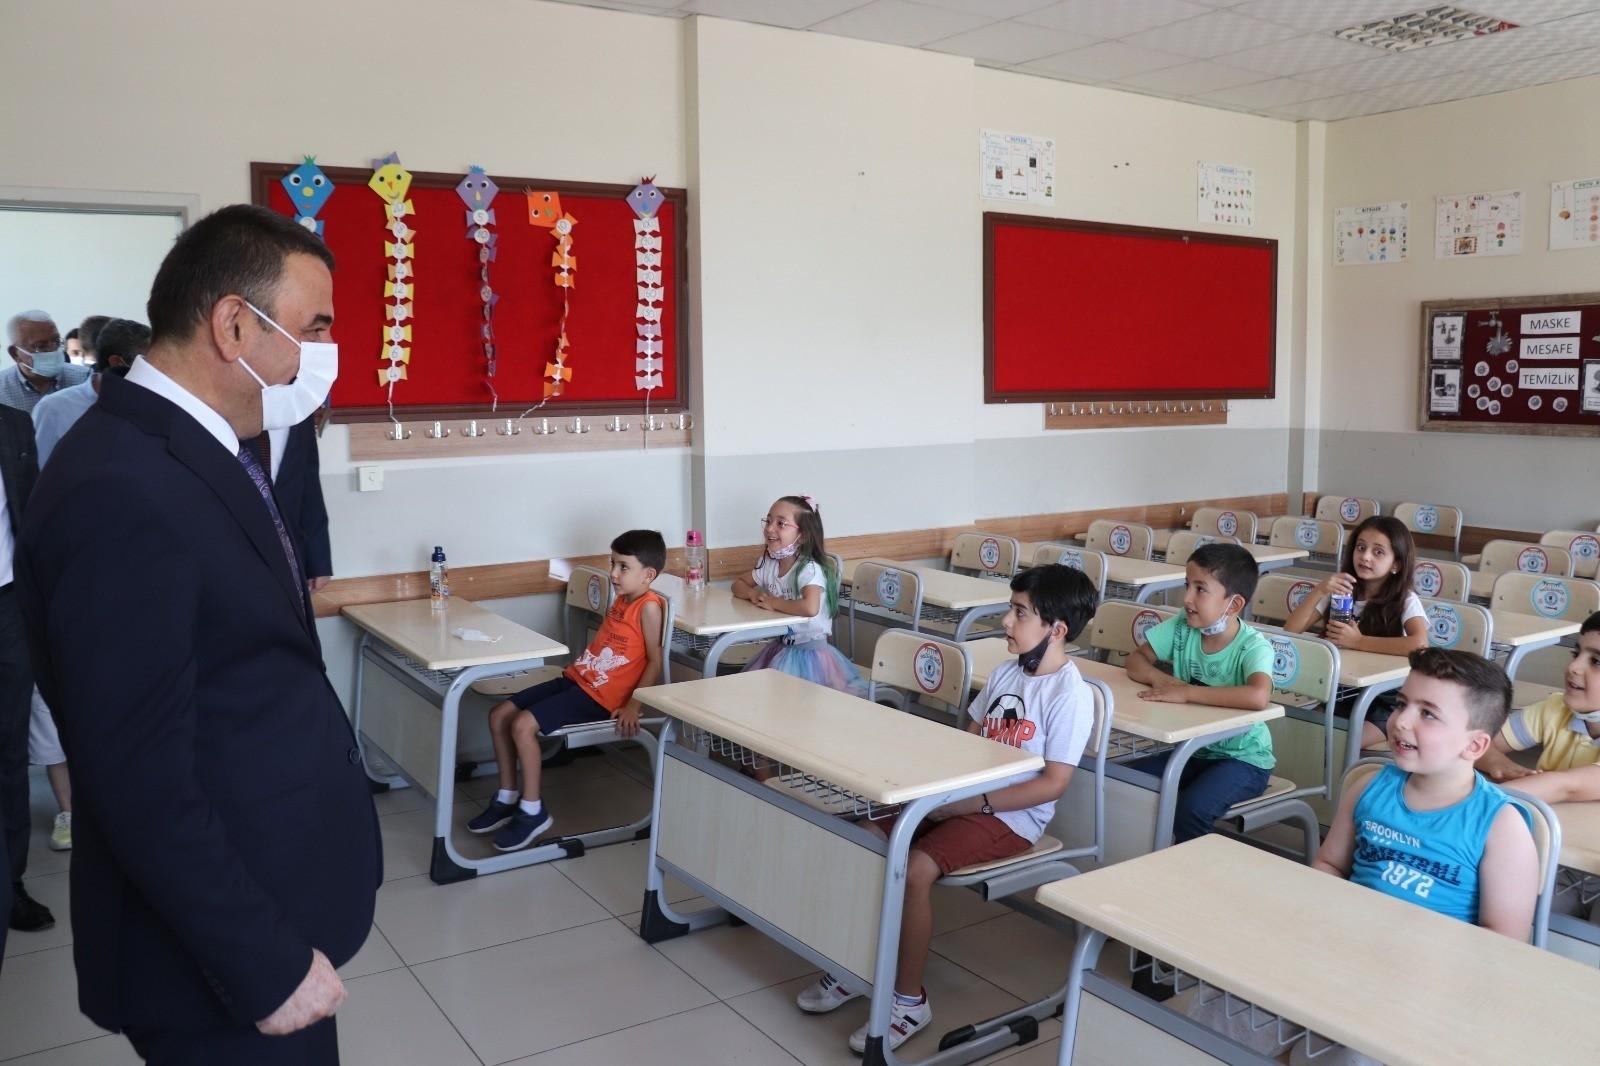 Siirt Valisi Hacıbektaşoğlu, öğrencilerle, karne heyecanı yaşadı